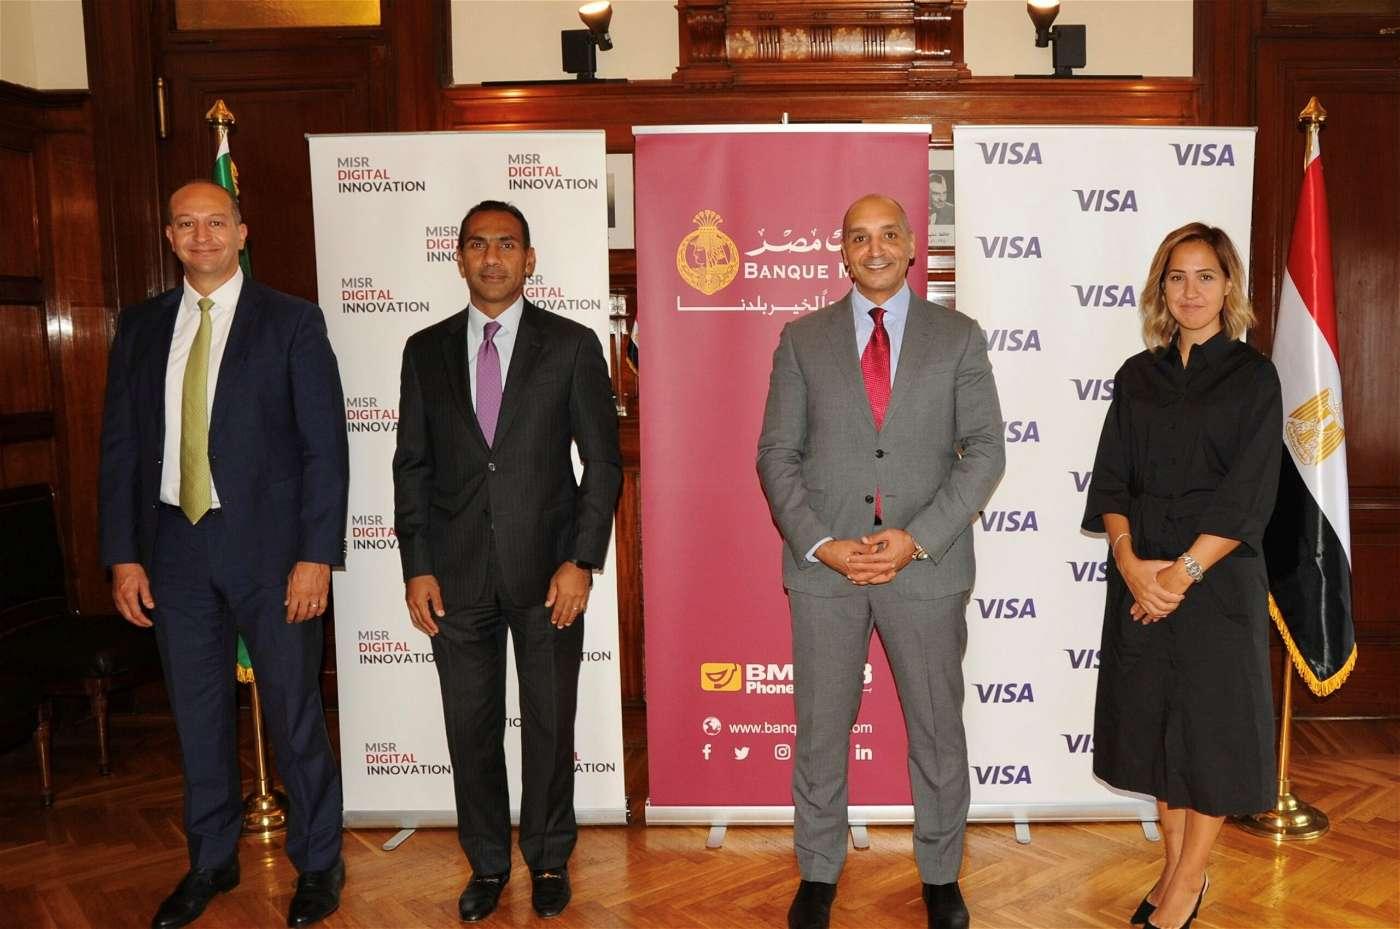 """مصر للابتكار الرقمي تتعاون مع """"فيزا"""" لإطلاق خدماتها في مصر"""